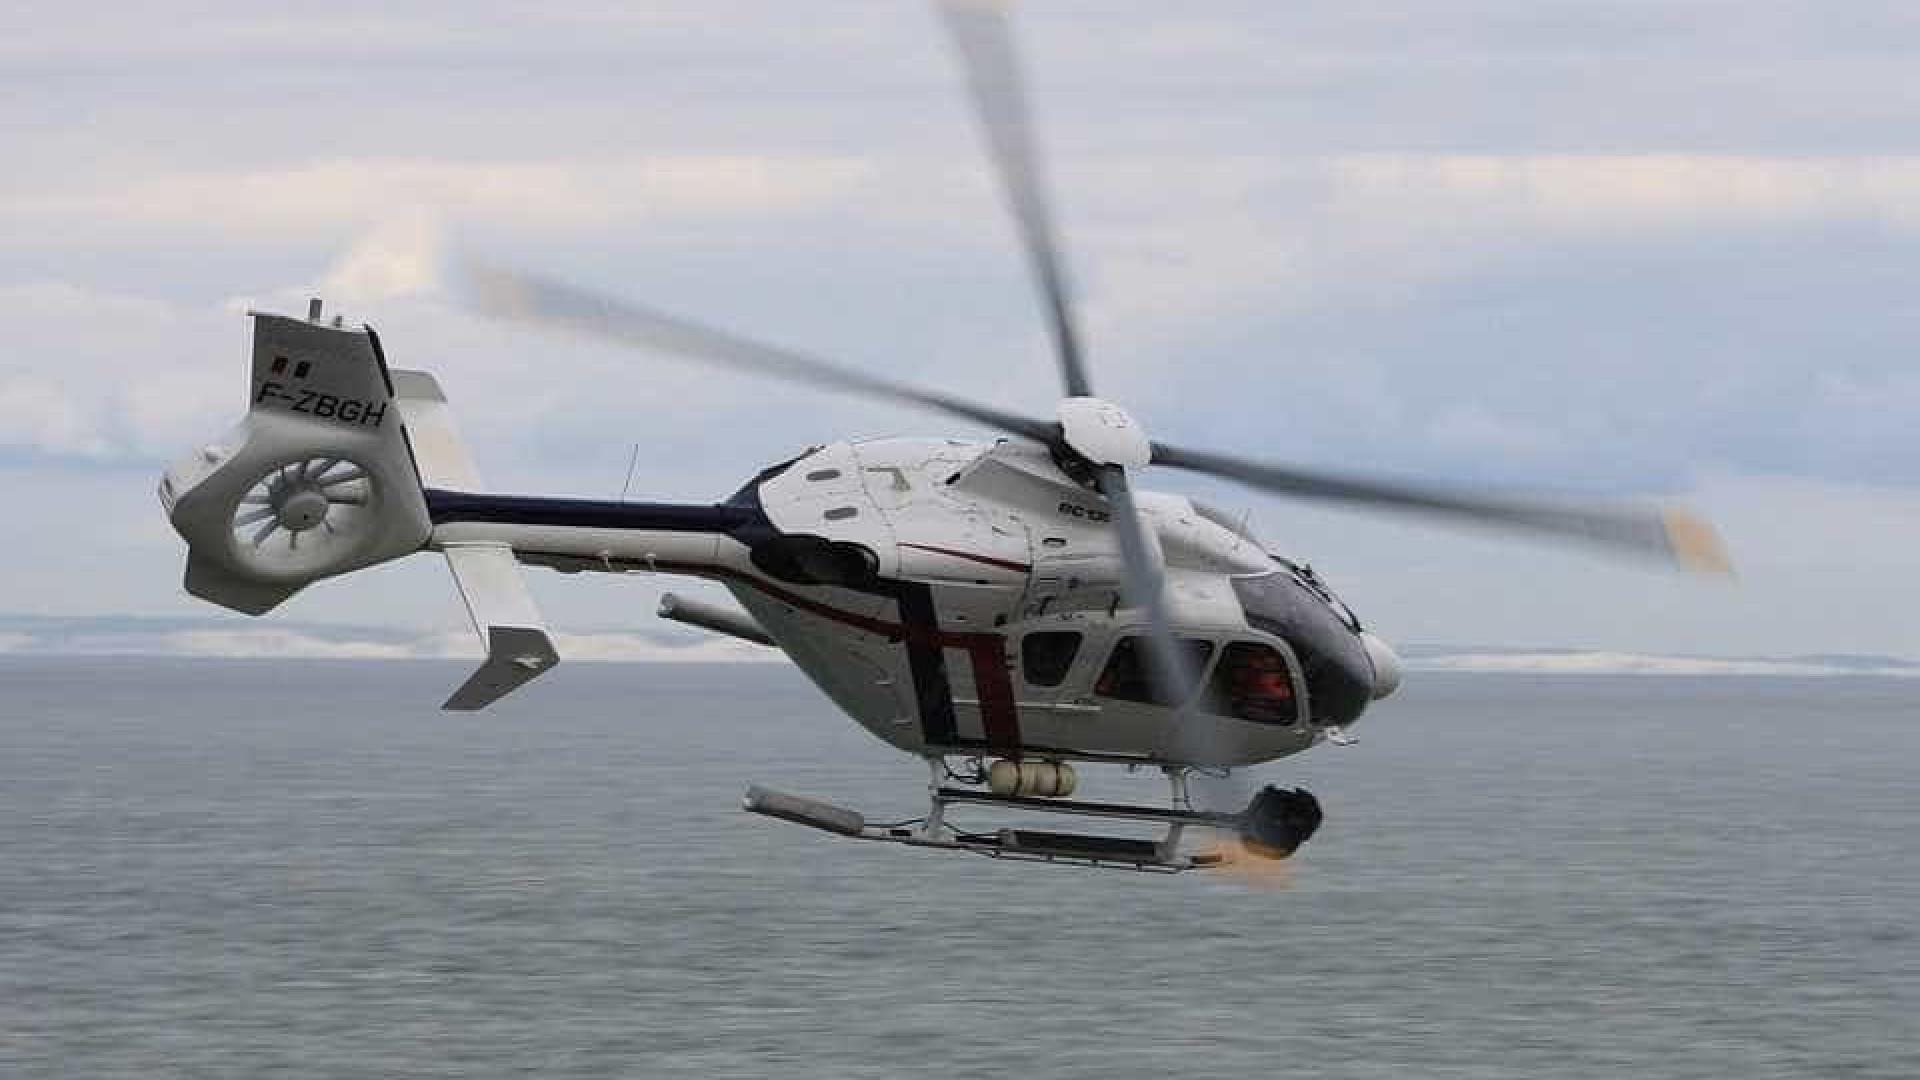 Príncipe morre em queda de helicóptero na Arábia Saudita